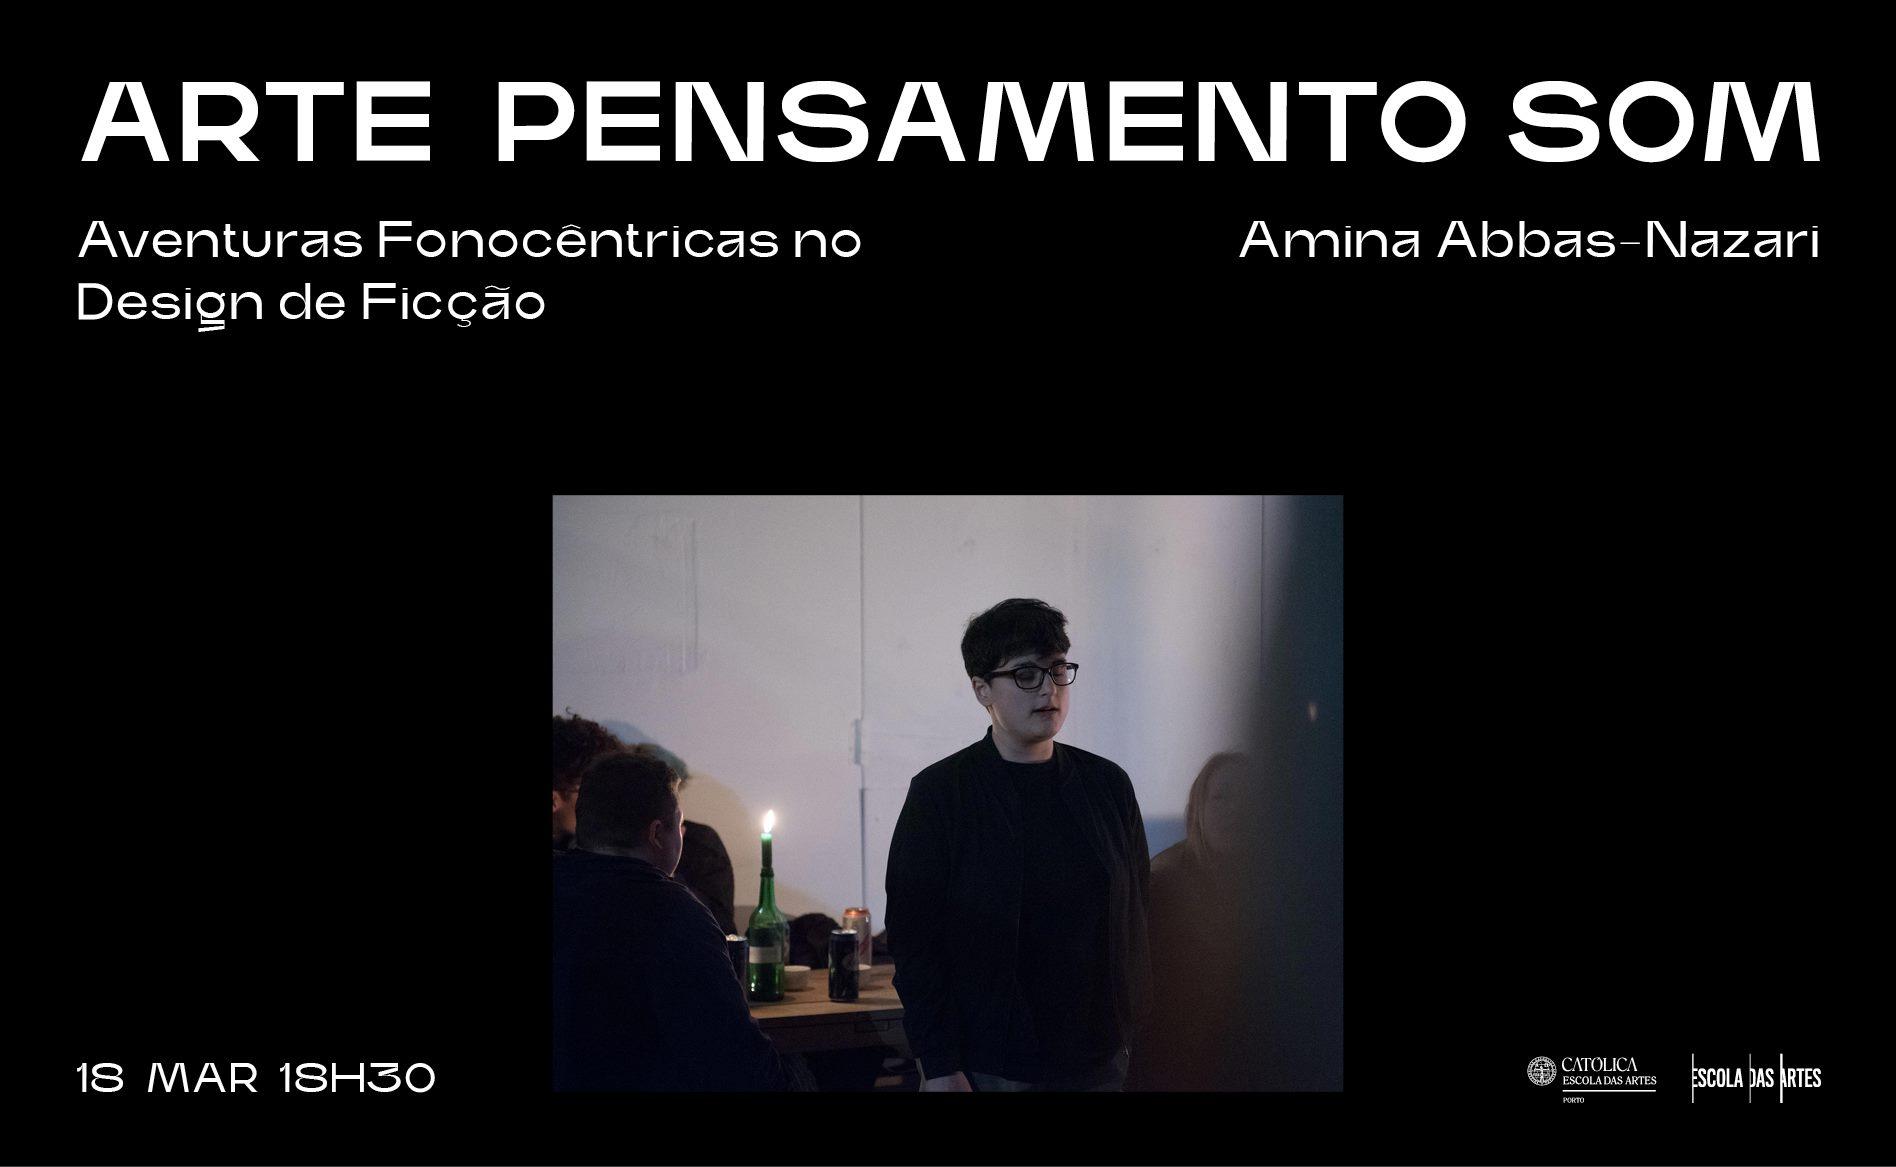 Amina Abbas-Nazari · Aventuras Fonocêntricas no Design de Ficção (On-Line Lecture))